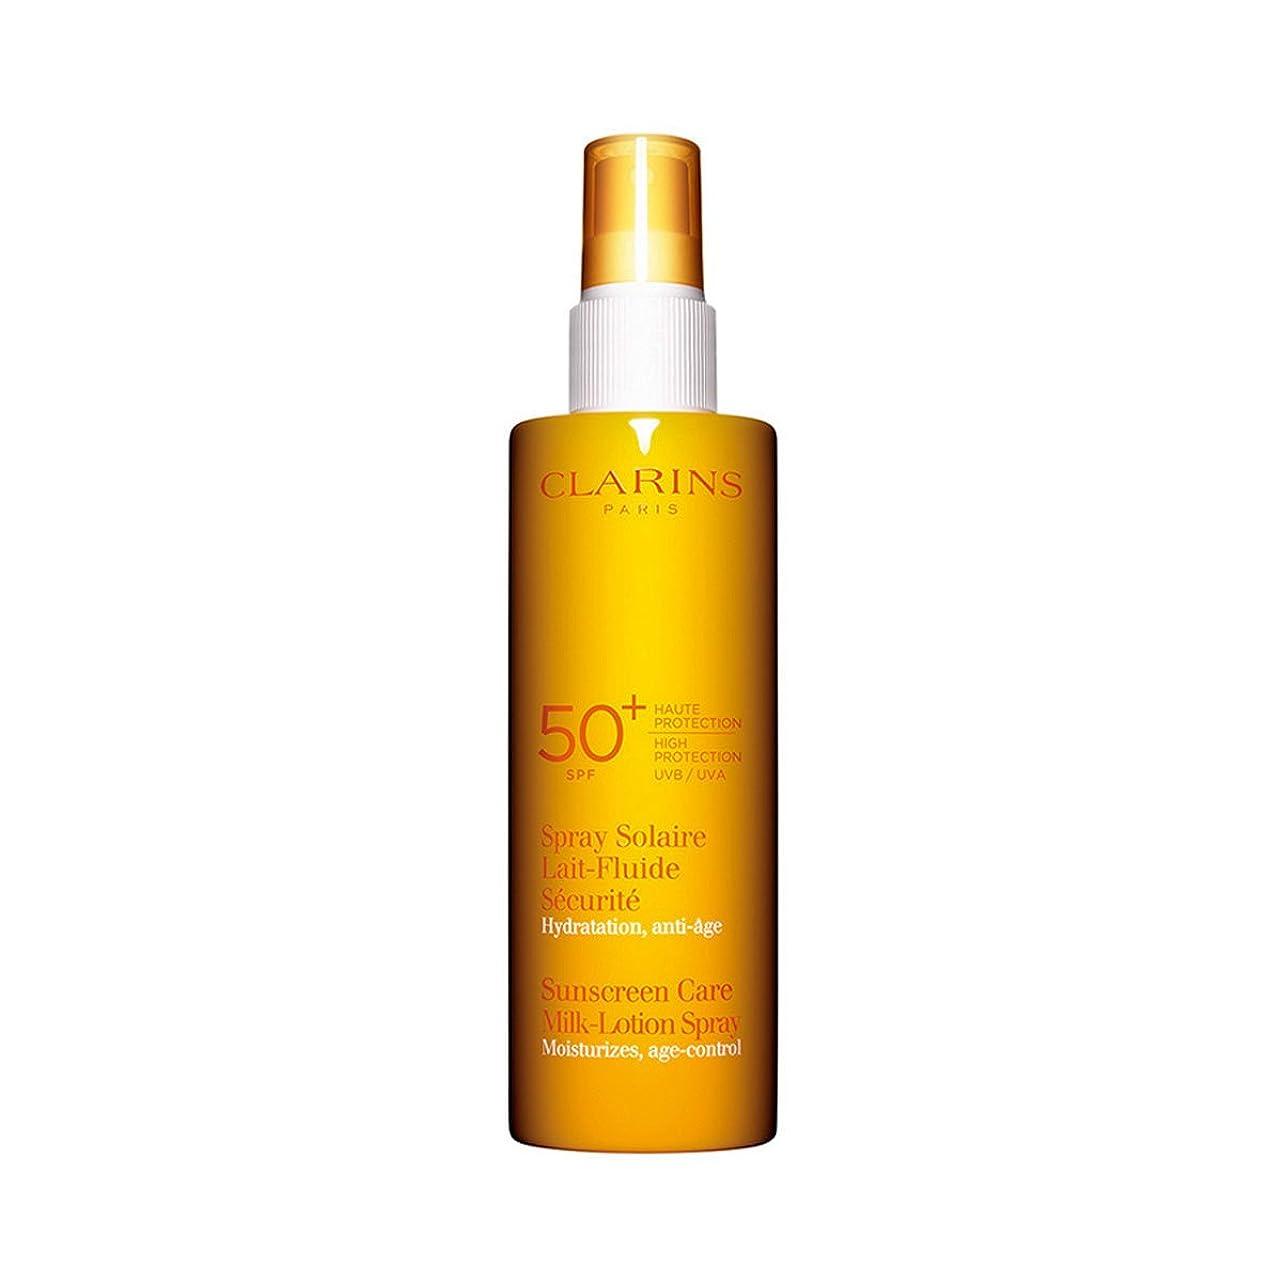 禁止雇った誰Clarins Sun Care Milk-lotion Spray Uva/uvb 50 150ml [並行輸入品]